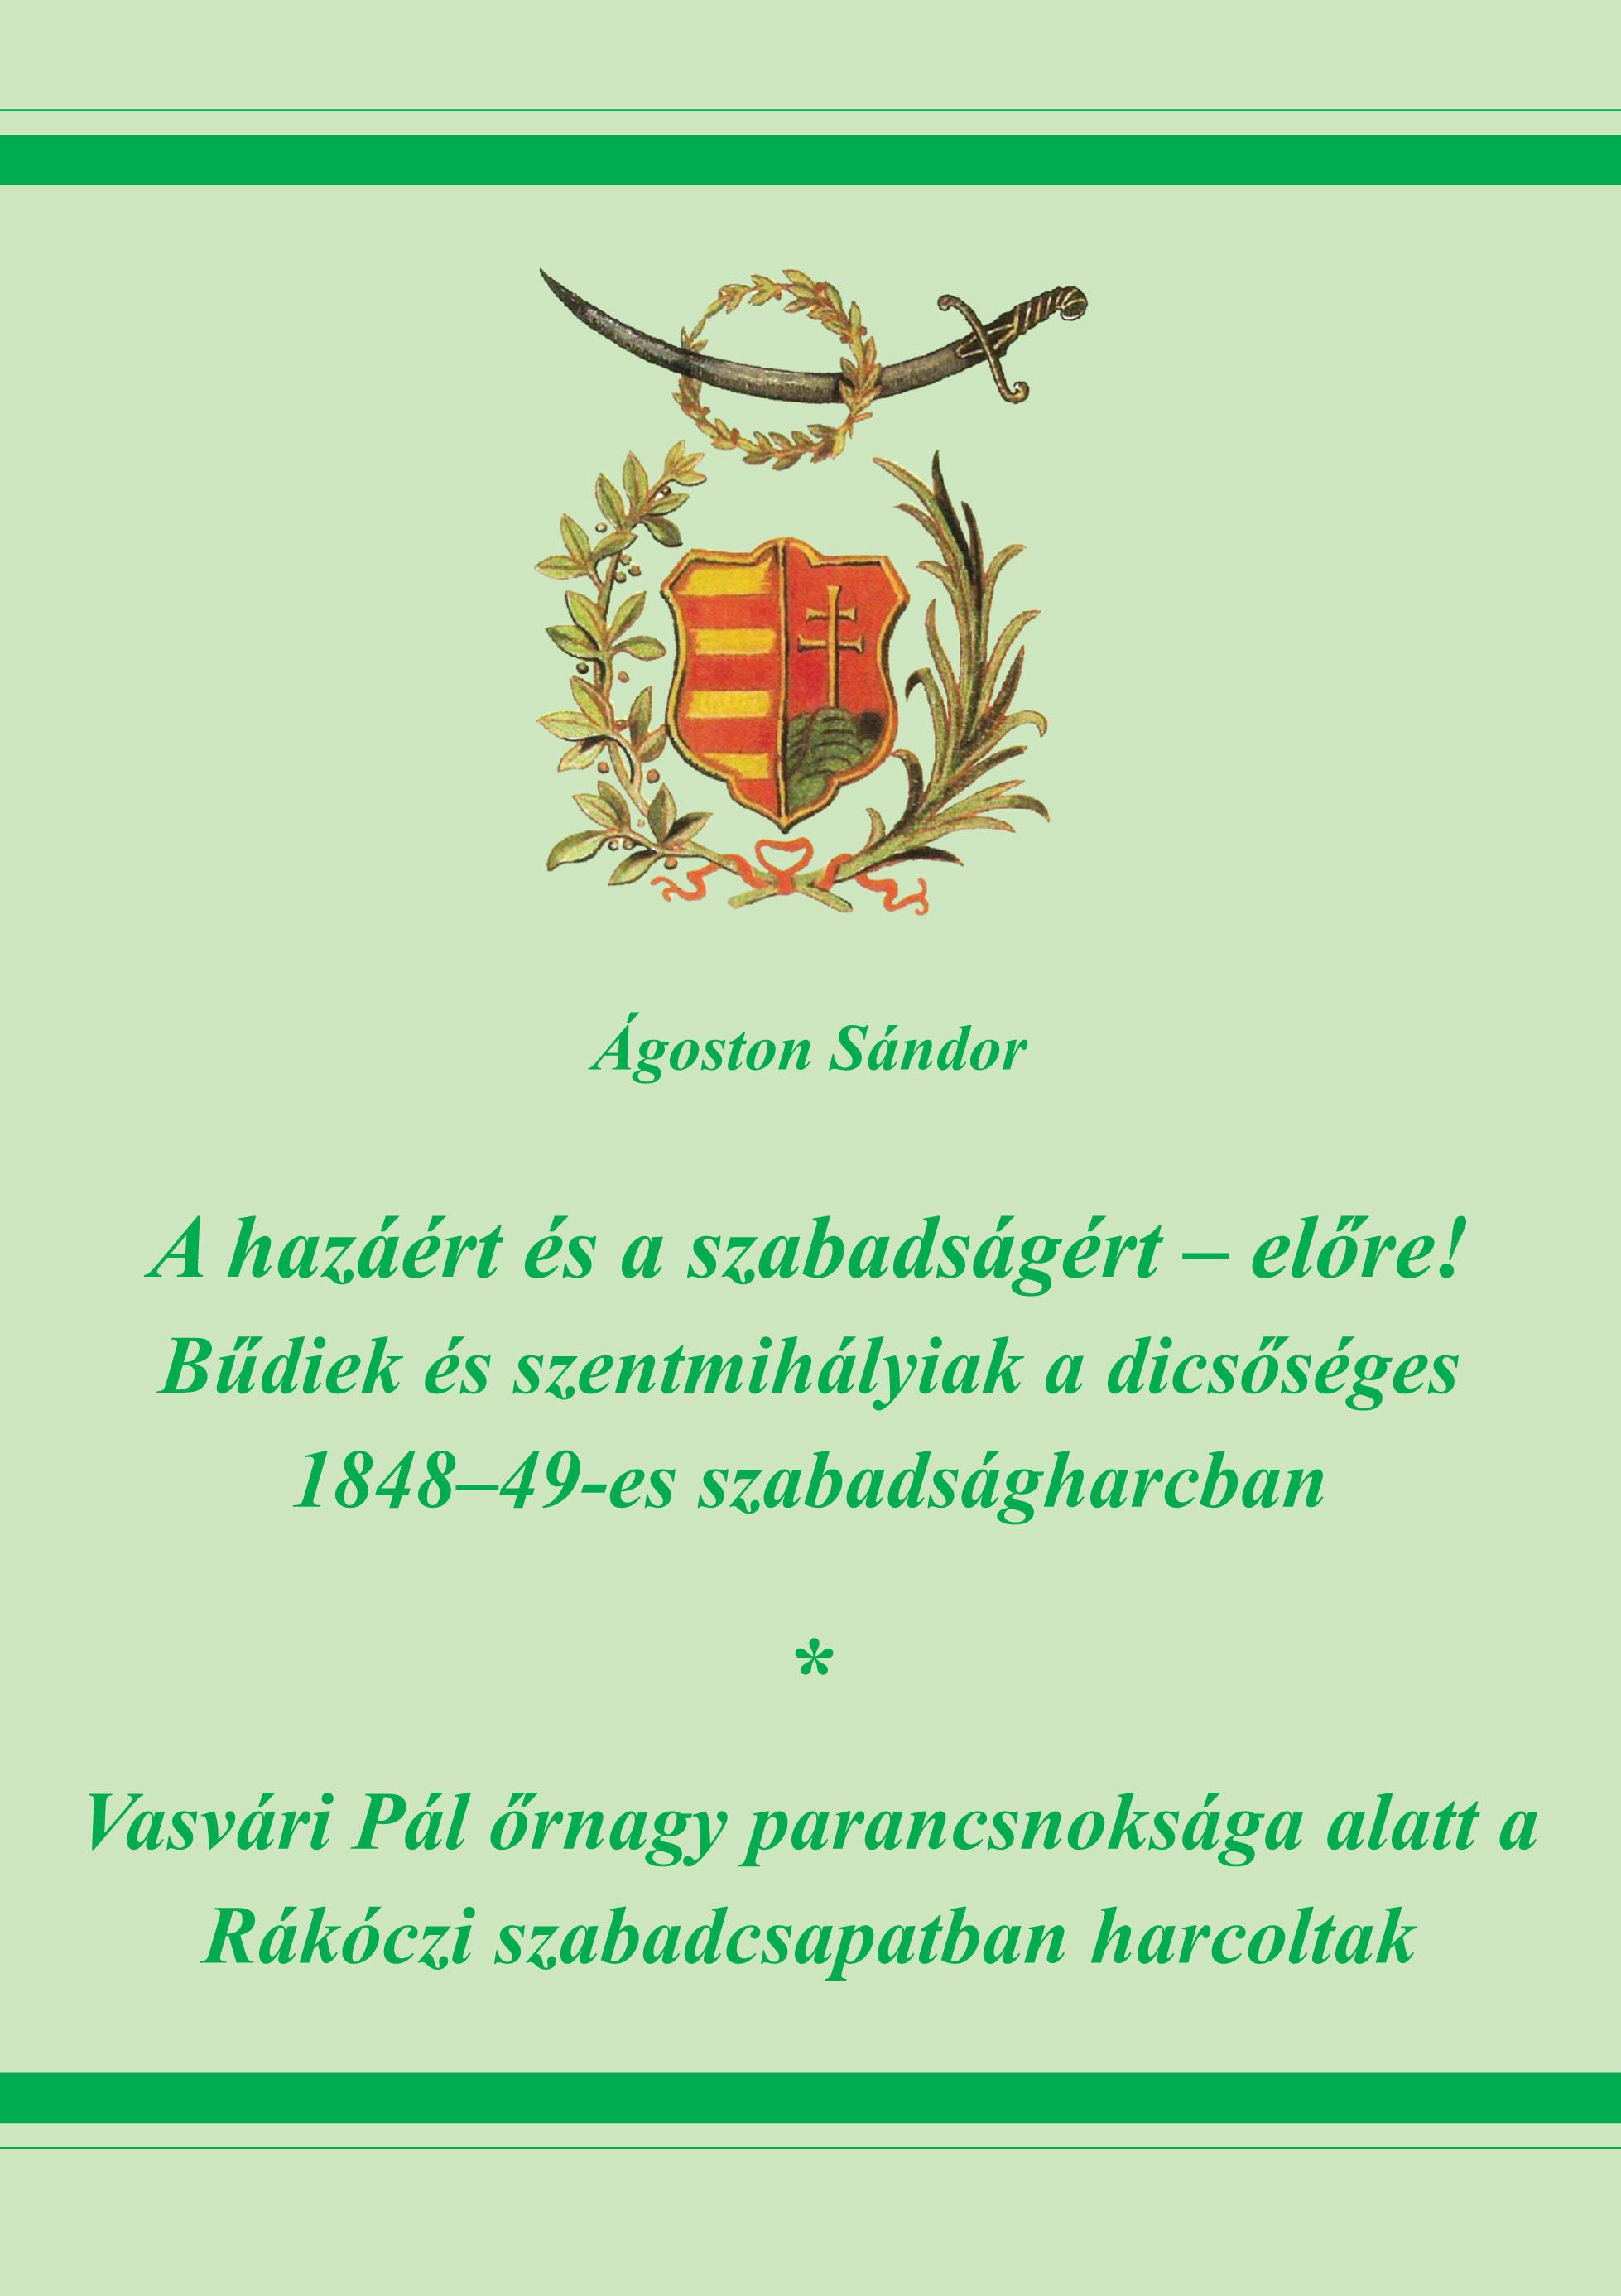 A hazáért és a szabadságért - előre! - Bűdiek és szentmihályiak a dicsőséges 1848-49-es s..